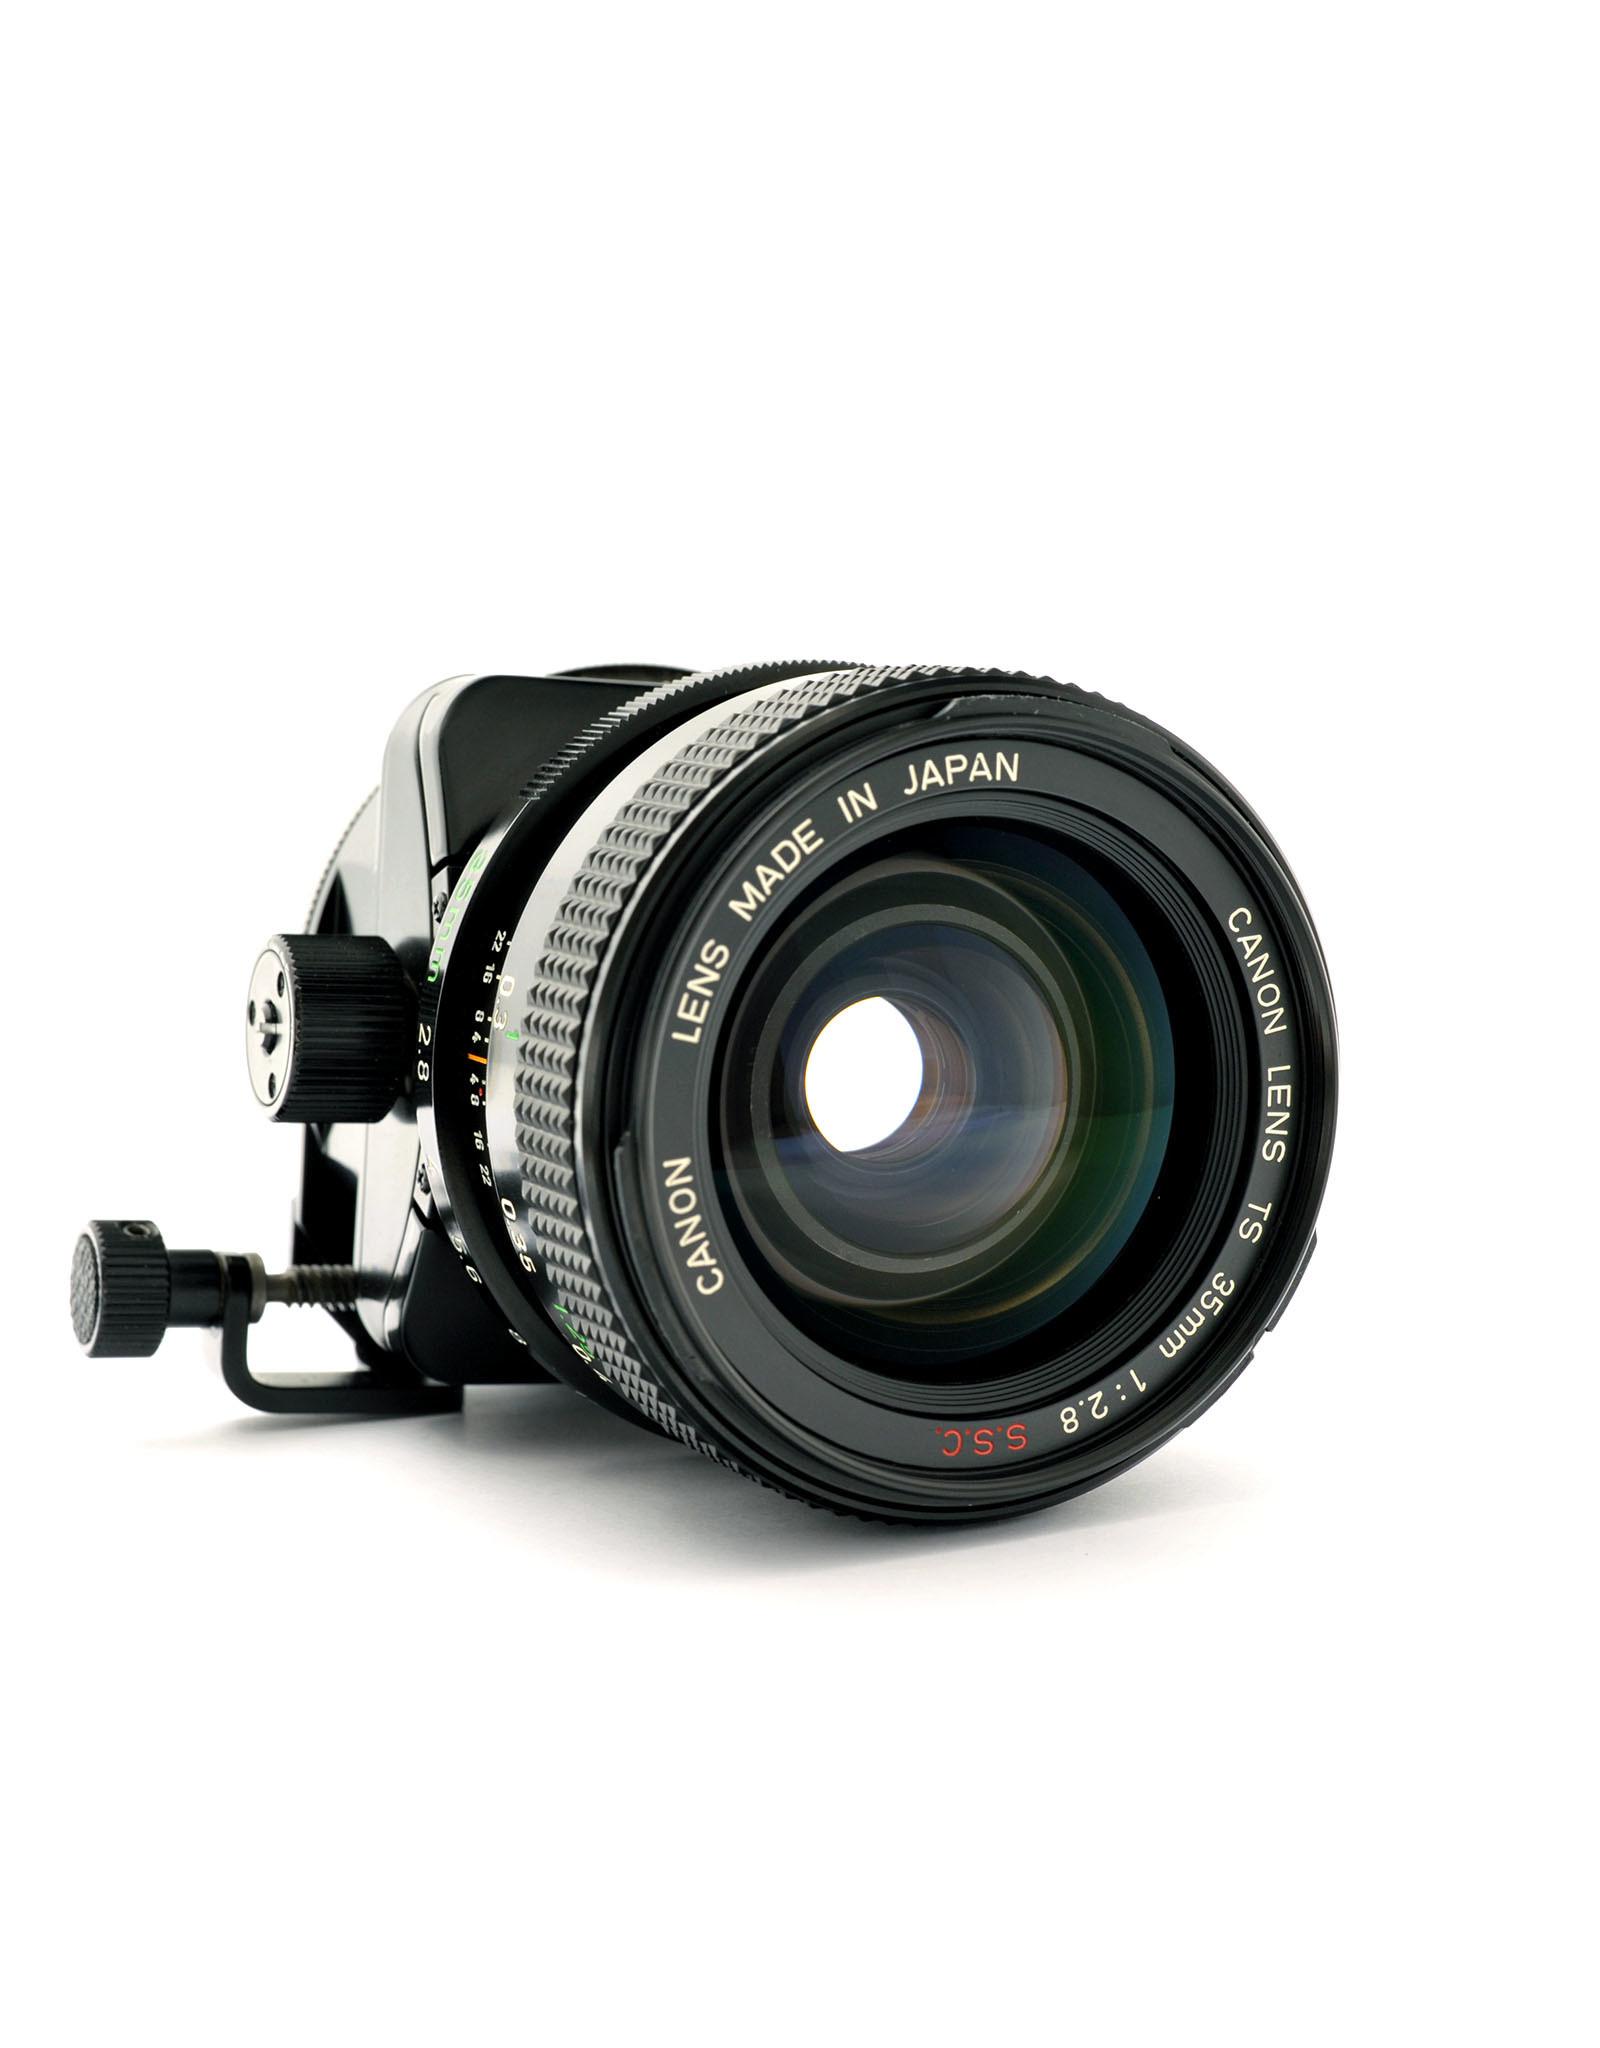 Canon Canon TS35mm f2.8 SSC   ALC121204